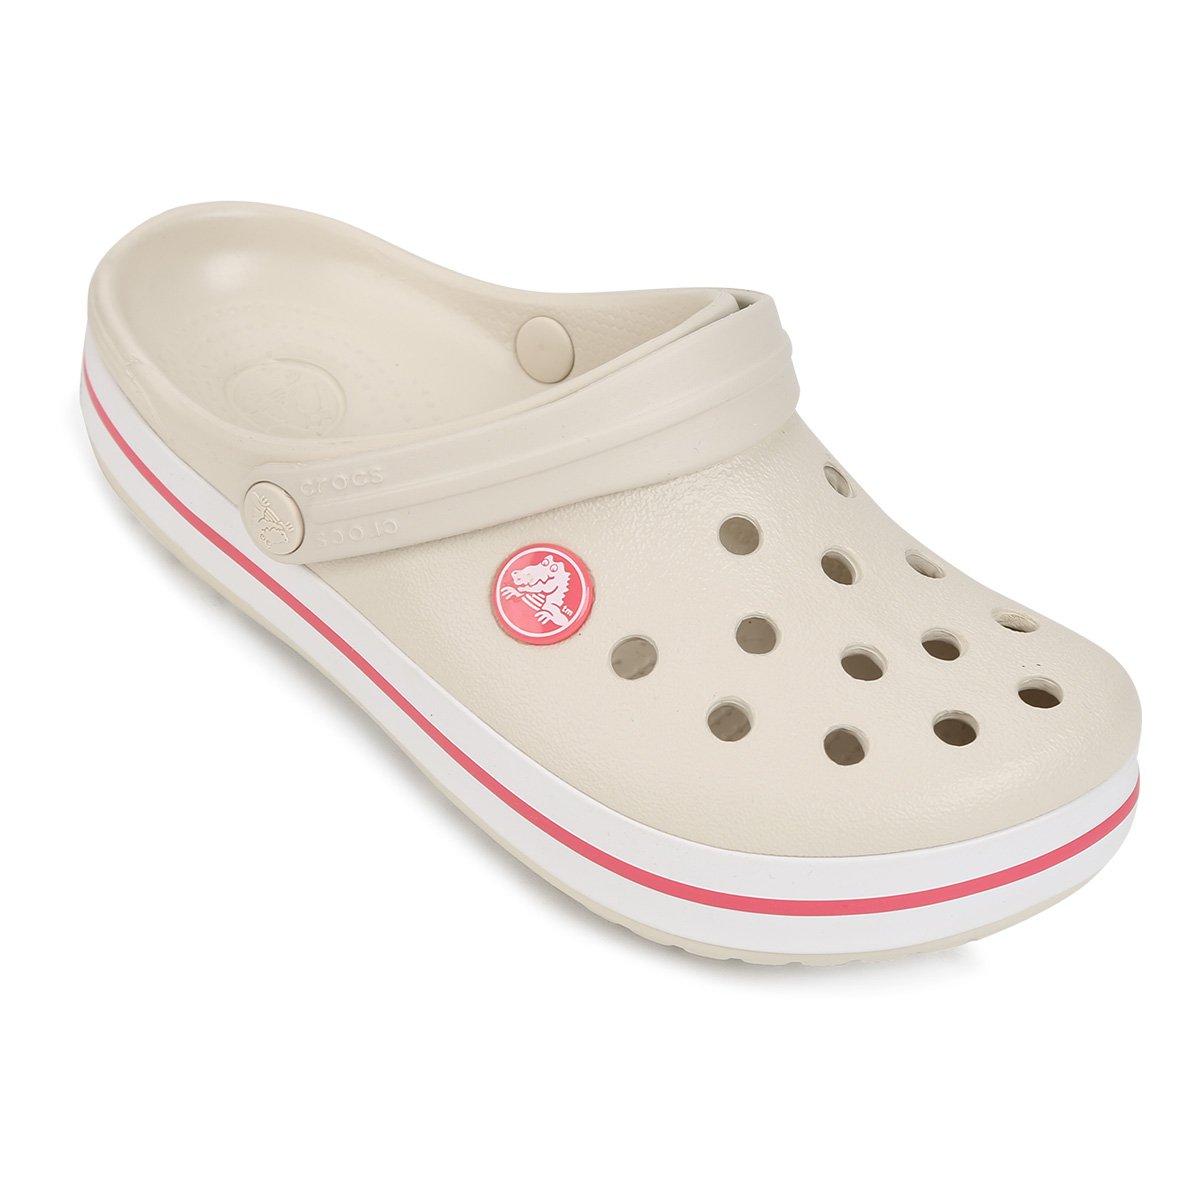 Crocs Infantil Crocband - Off White